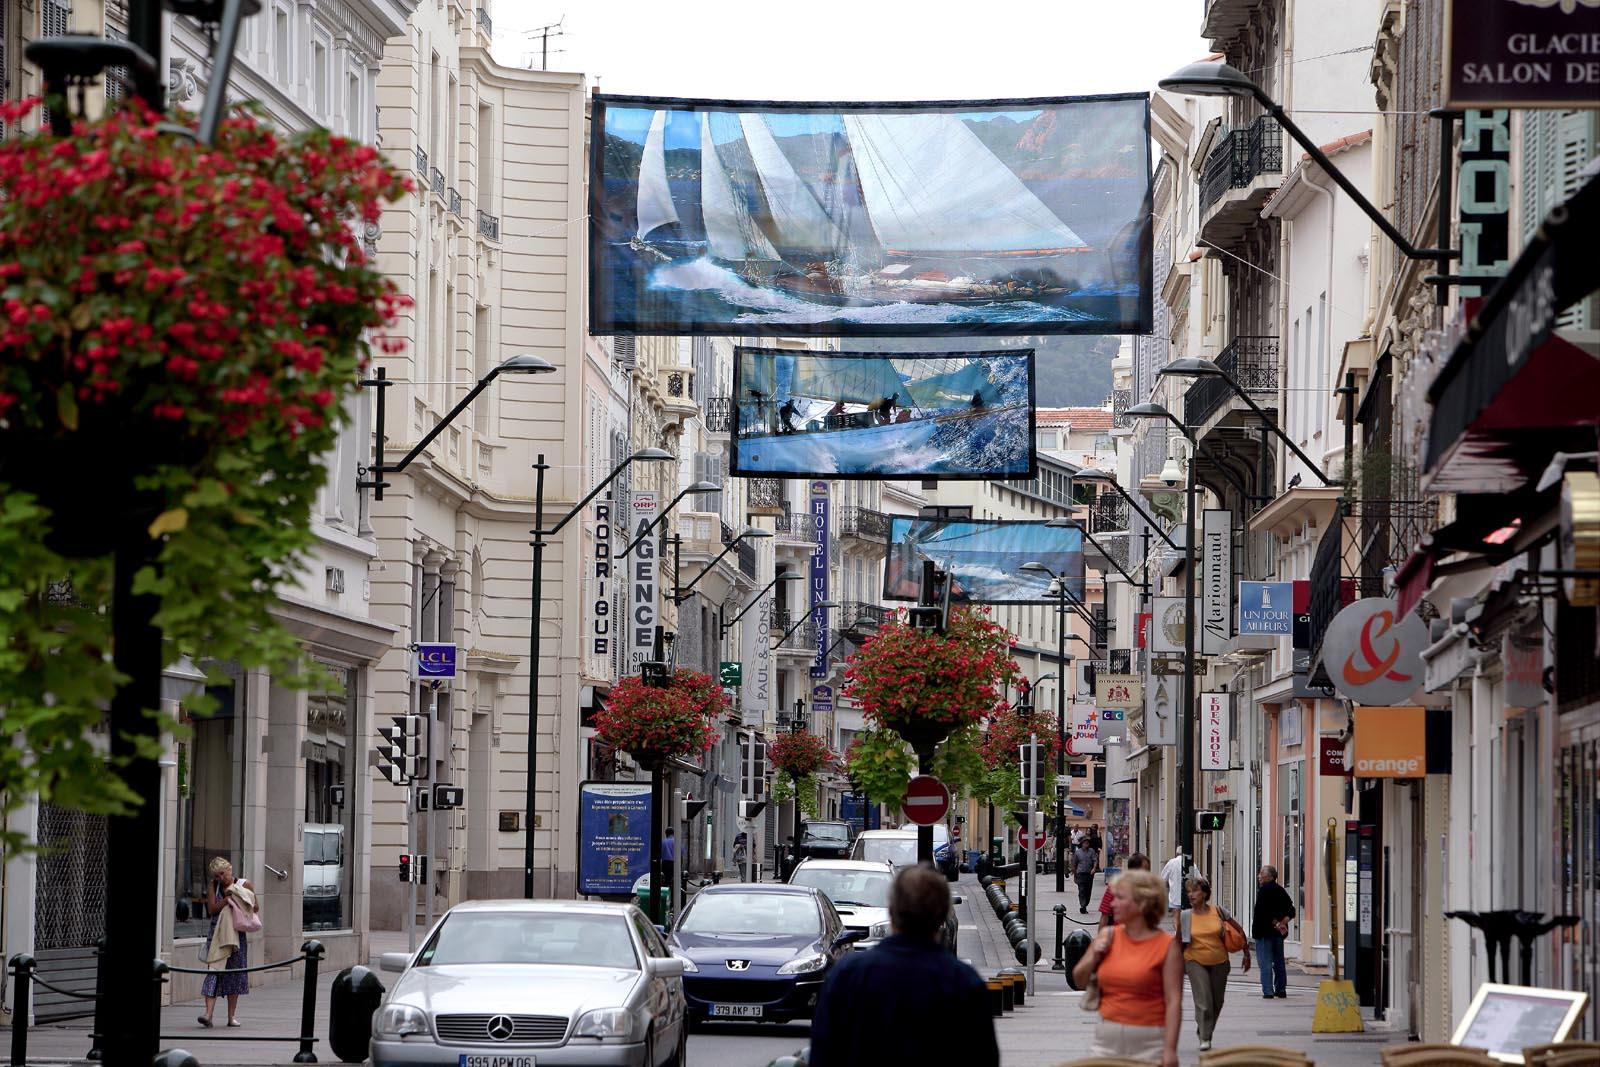 Le gigantografie esposte nelle strade del centro storico